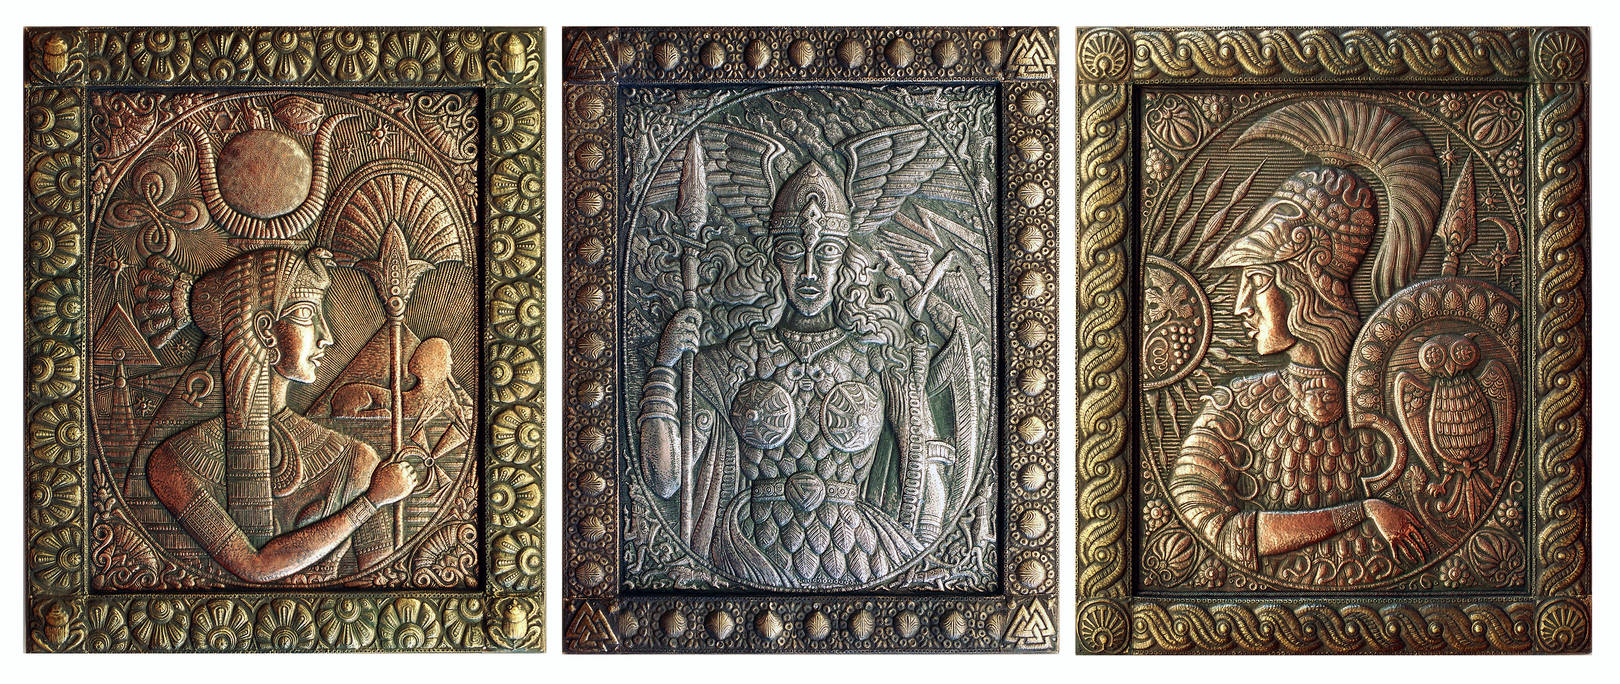 Великие богини (триптих) 1997 г. Медь, алюминий, латунь; чернение. Состоит из панно размерами 90 х70 см: Изида, Валькирия, Афина